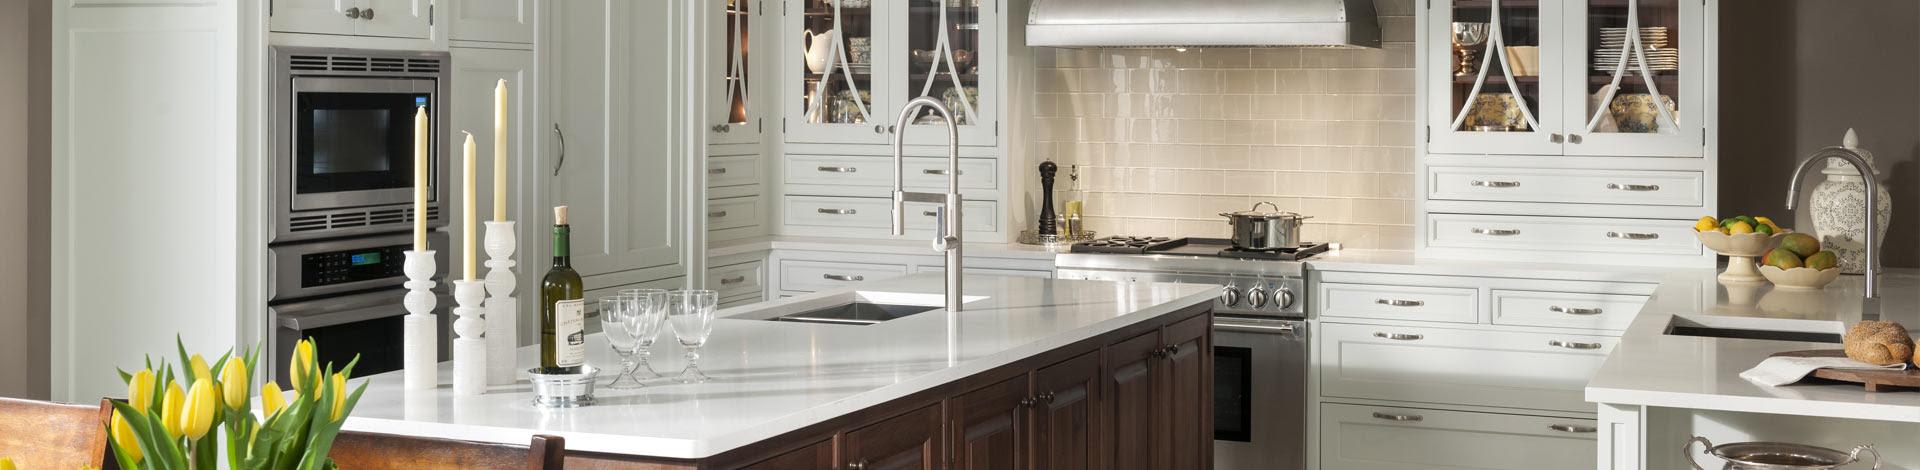 Designer Kitchens More